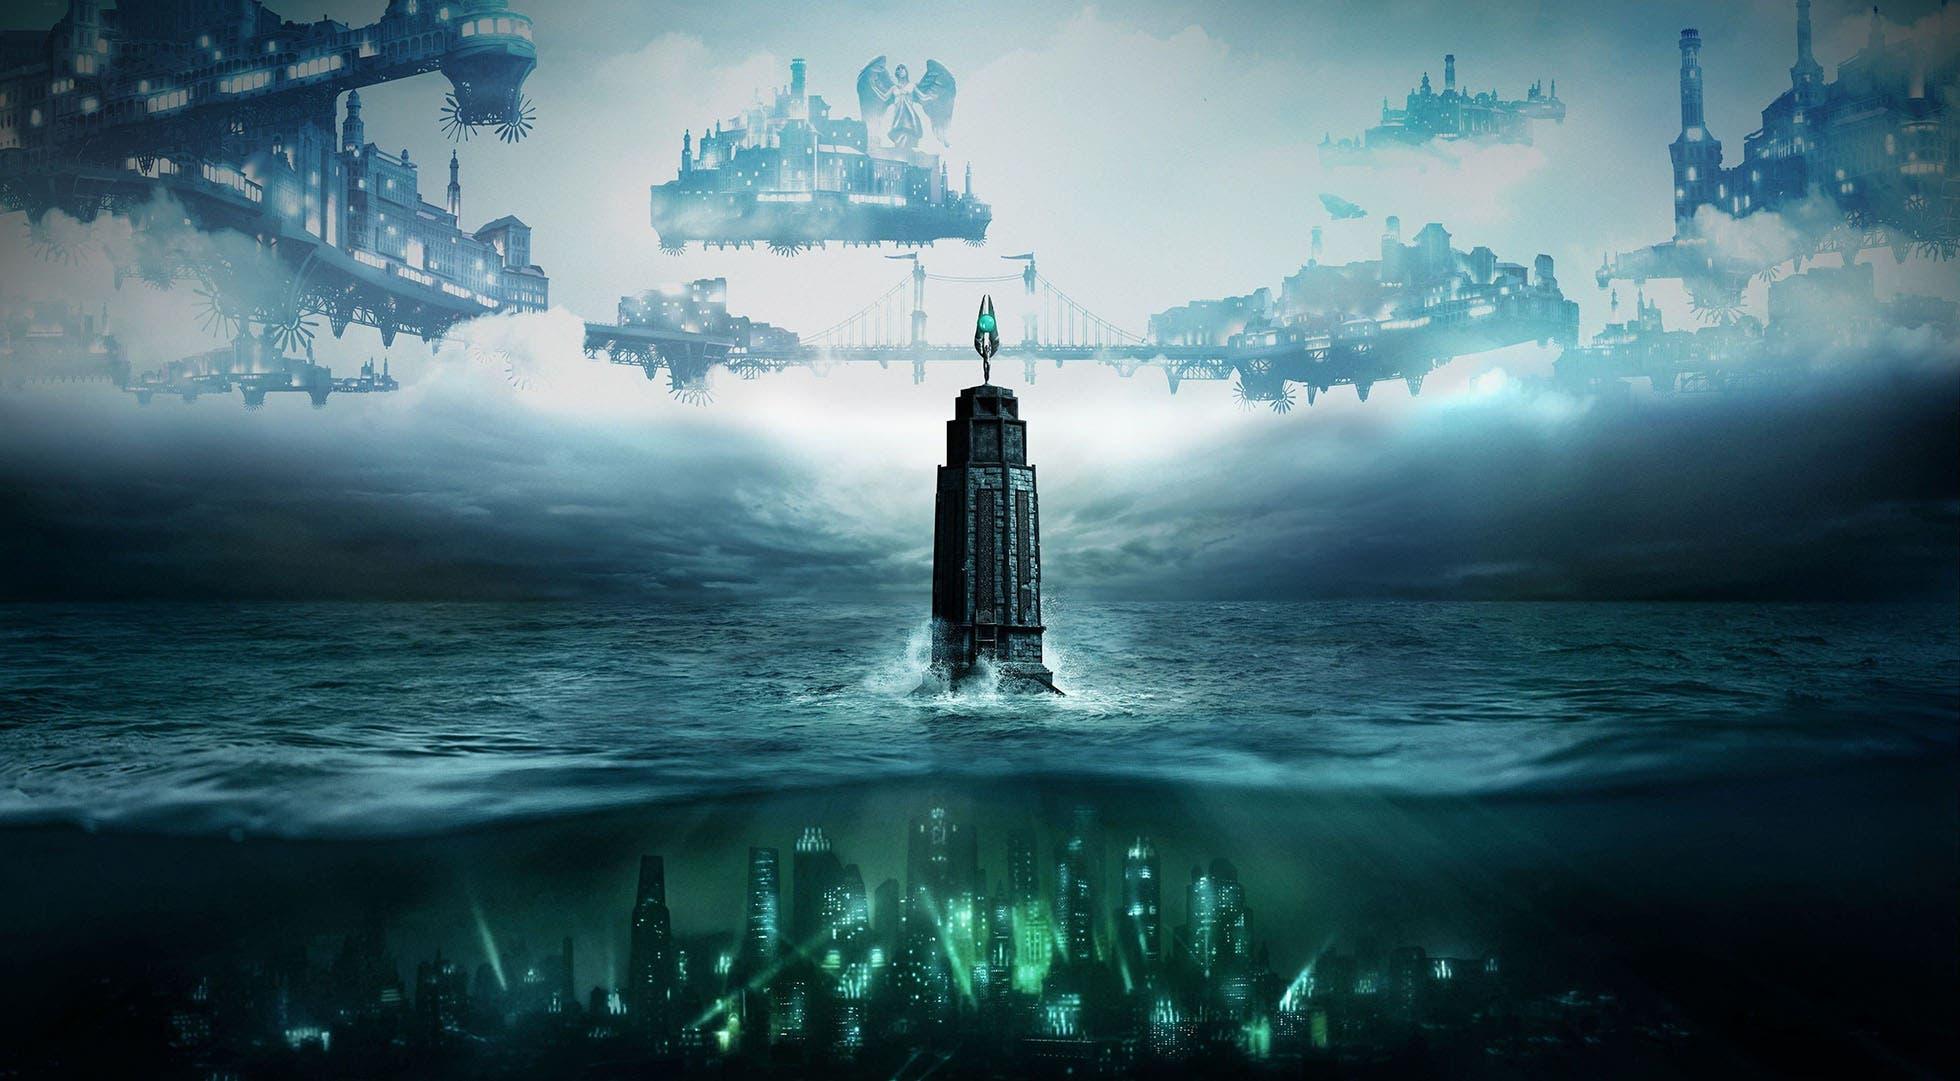 Bioshock 4 llegará a Xbox Series X y PS5 bajo una nueva ambientación 8